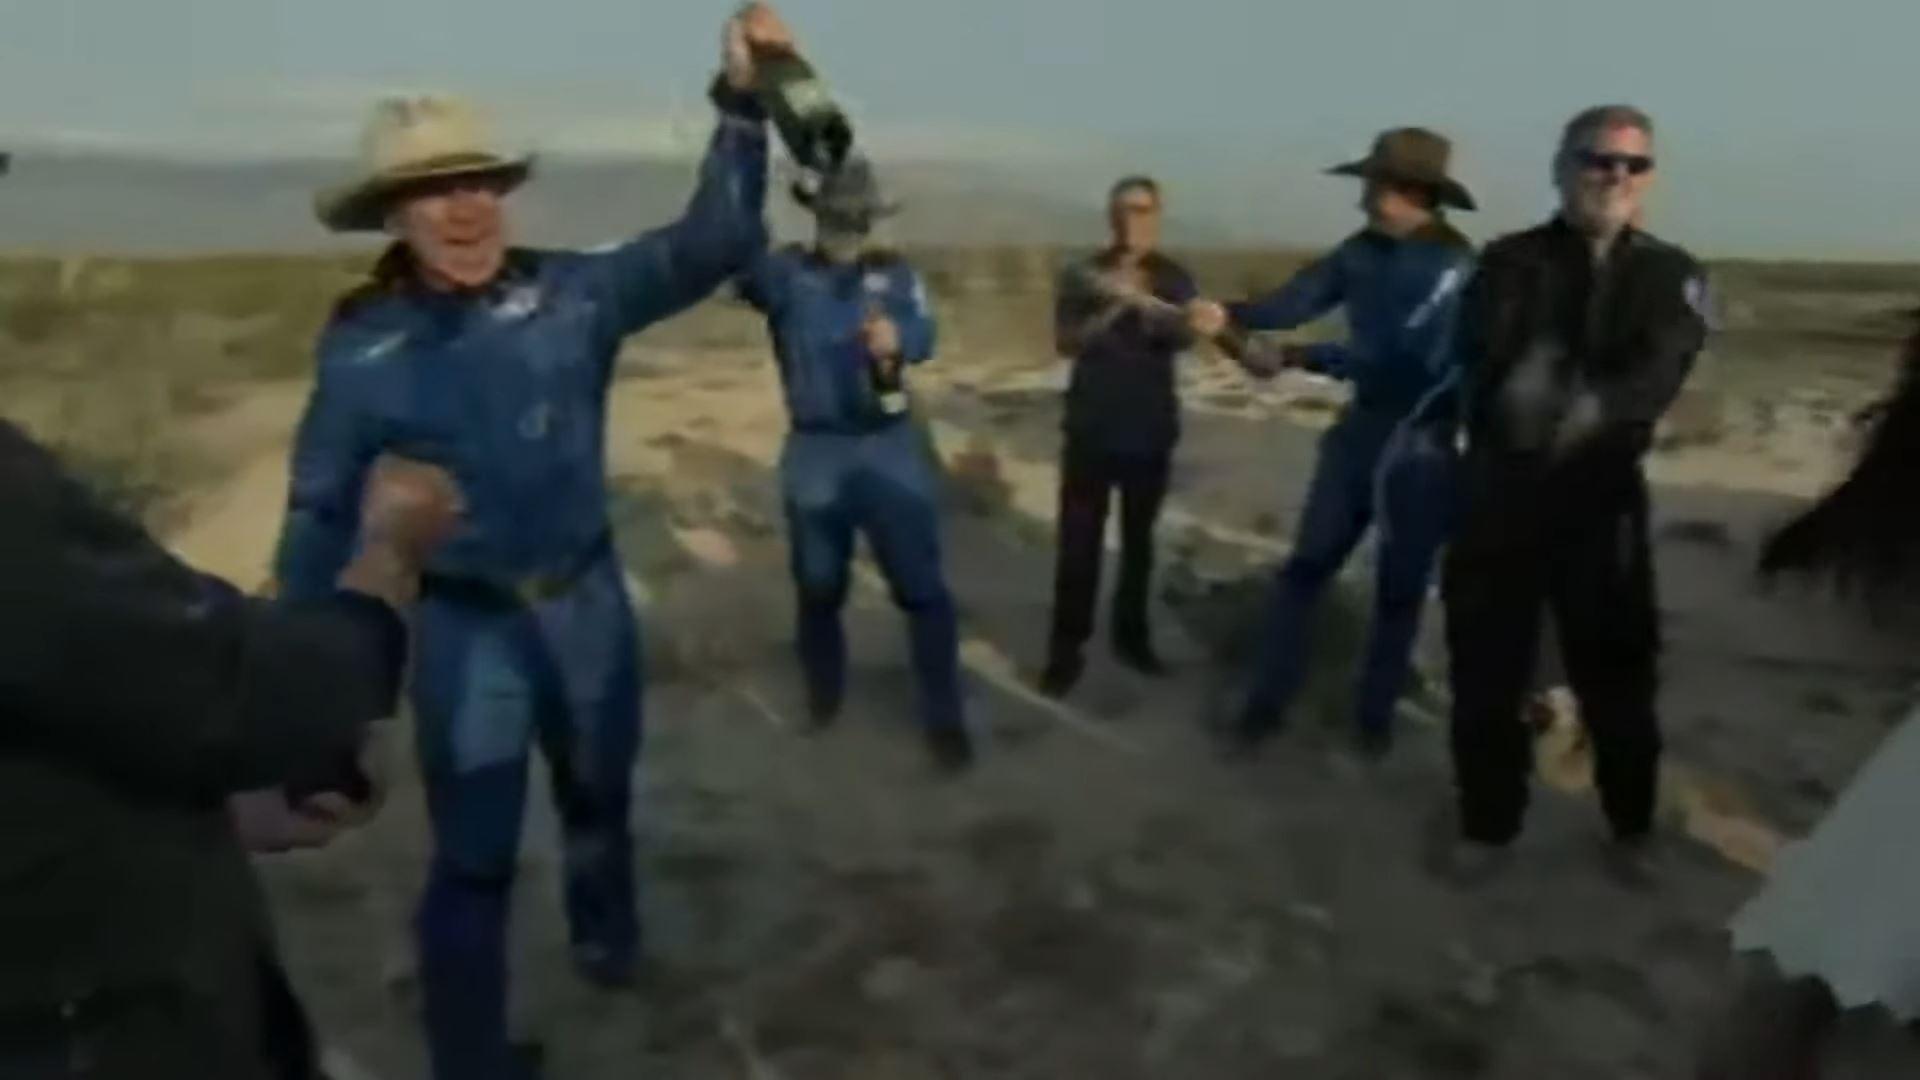 Джефф Безос иостальные члены экипажа New Shepard после приземления